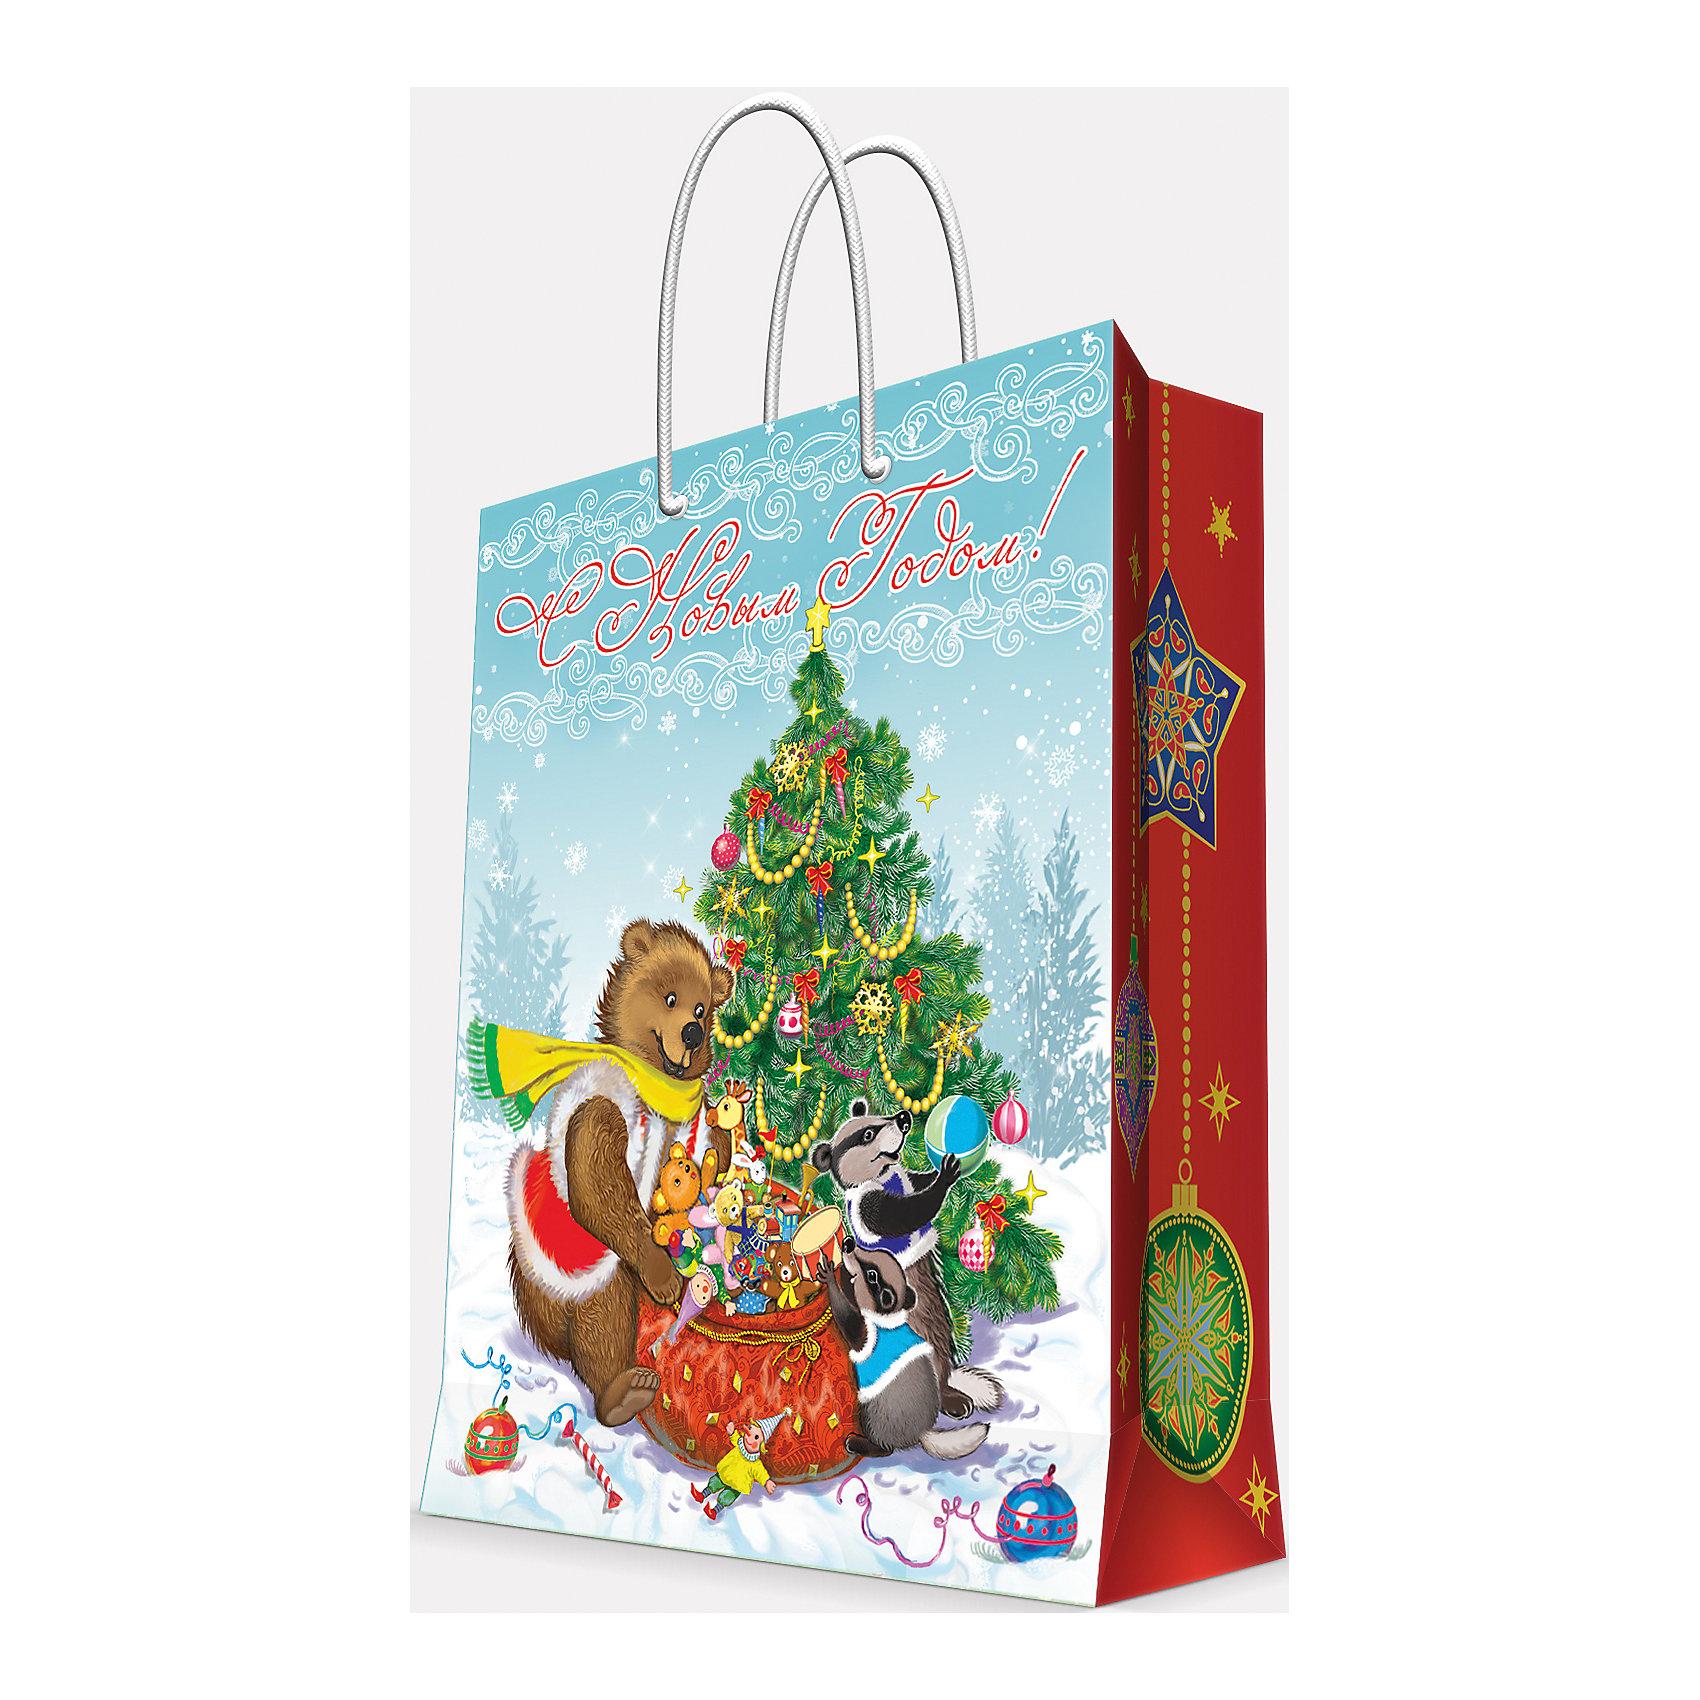 Подарочный пакет Медвежонок и еноты  26*32,4*12,7 смПриближение Нового года не может не радовать! Праздничное настроение создает украшенный дом, наряженная ёлка, запах мандаринов, предновогодняя суета и, конечно же, подарки! Чтобы сделать момент вручения приятнее, нужен красивый подарочный пакет.<br>Этот пакет украшен симпатичным универсальным рисунком, поэтому в него можно упаковать подарок и родственнику, и коллеге. Он сделан из безопасного для детей, прочного, но легкого, материала. Создайте с ним праздничное настроение себе и близким!<br><br>Дополнительная информация:<br><br>плотность бумаги: 140 г/м2;<br>размер: 26 х 32 х 13 см;<br>с ламинацией;<br>украшен рисунком.<br><br>Подарочный пакет Медвежонок и еноты 26*32,4*12,7 см можно купить в нашем магазине.<br><br>Ширина мм: 260<br>Глубина мм: 234<br>Высота мм: 127<br>Вес г: 71<br>Возраст от месяцев: 36<br>Возраст до месяцев: 2147483647<br>Пол: Унисекс<br>Возраст: Детский<br>SKU: 4981595